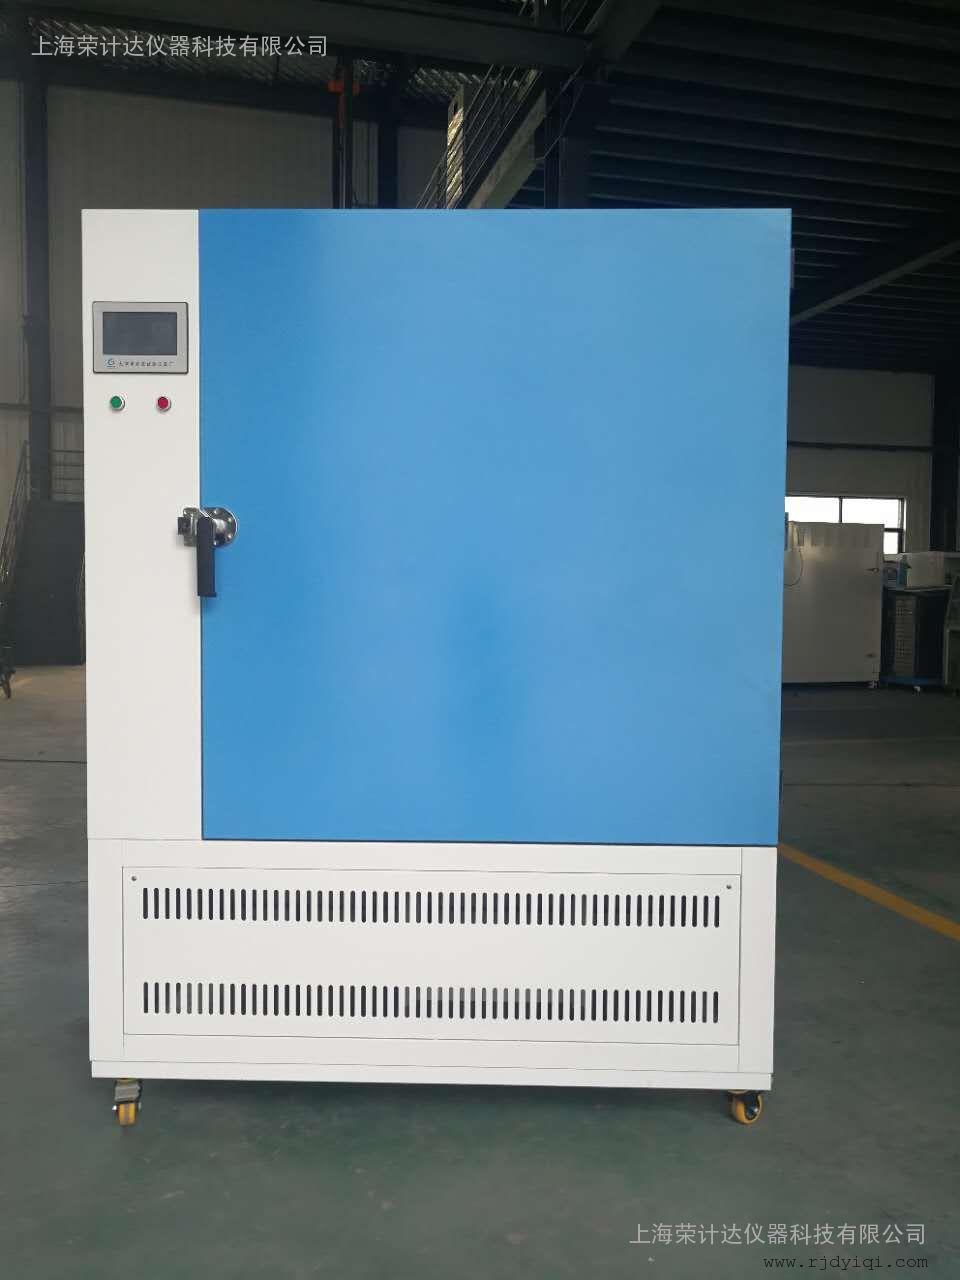 甲醛试验箱检测流程